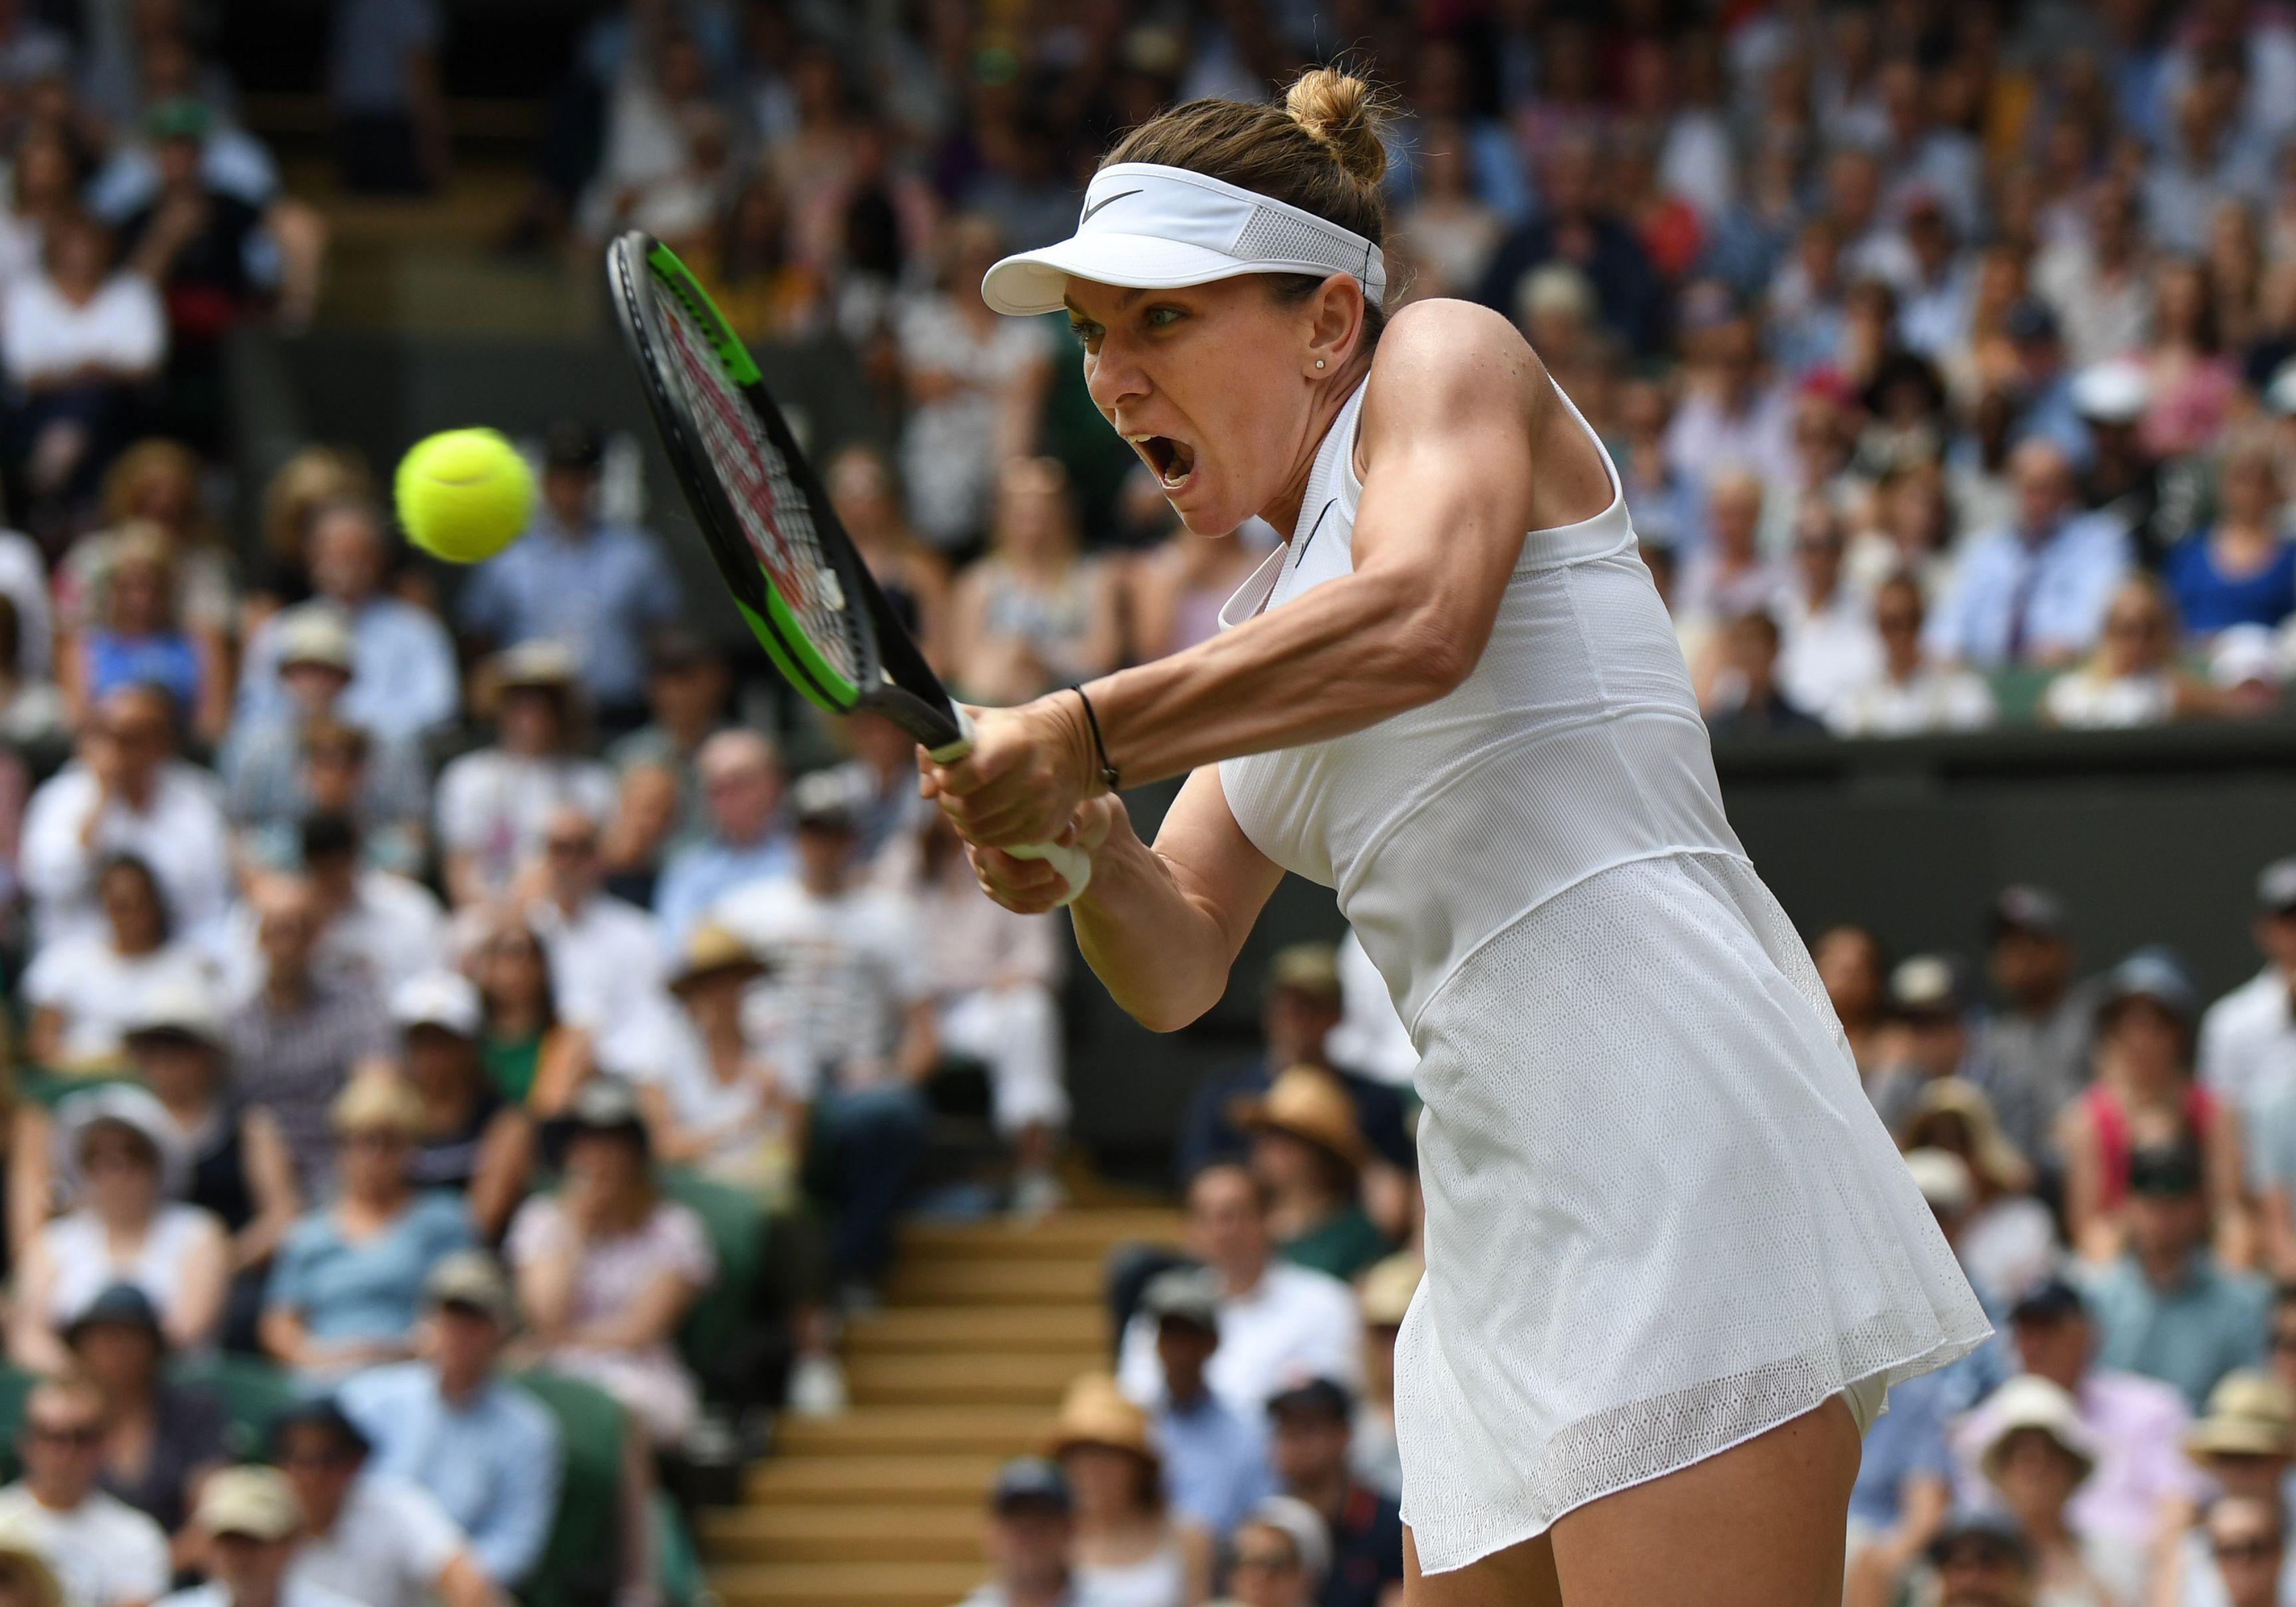 Ion Ţiriac o încurajează pe Simona Halep înaintea finalei de la Wimbledon Serena ar trebui să aibă mai multă frică sau emoţie!